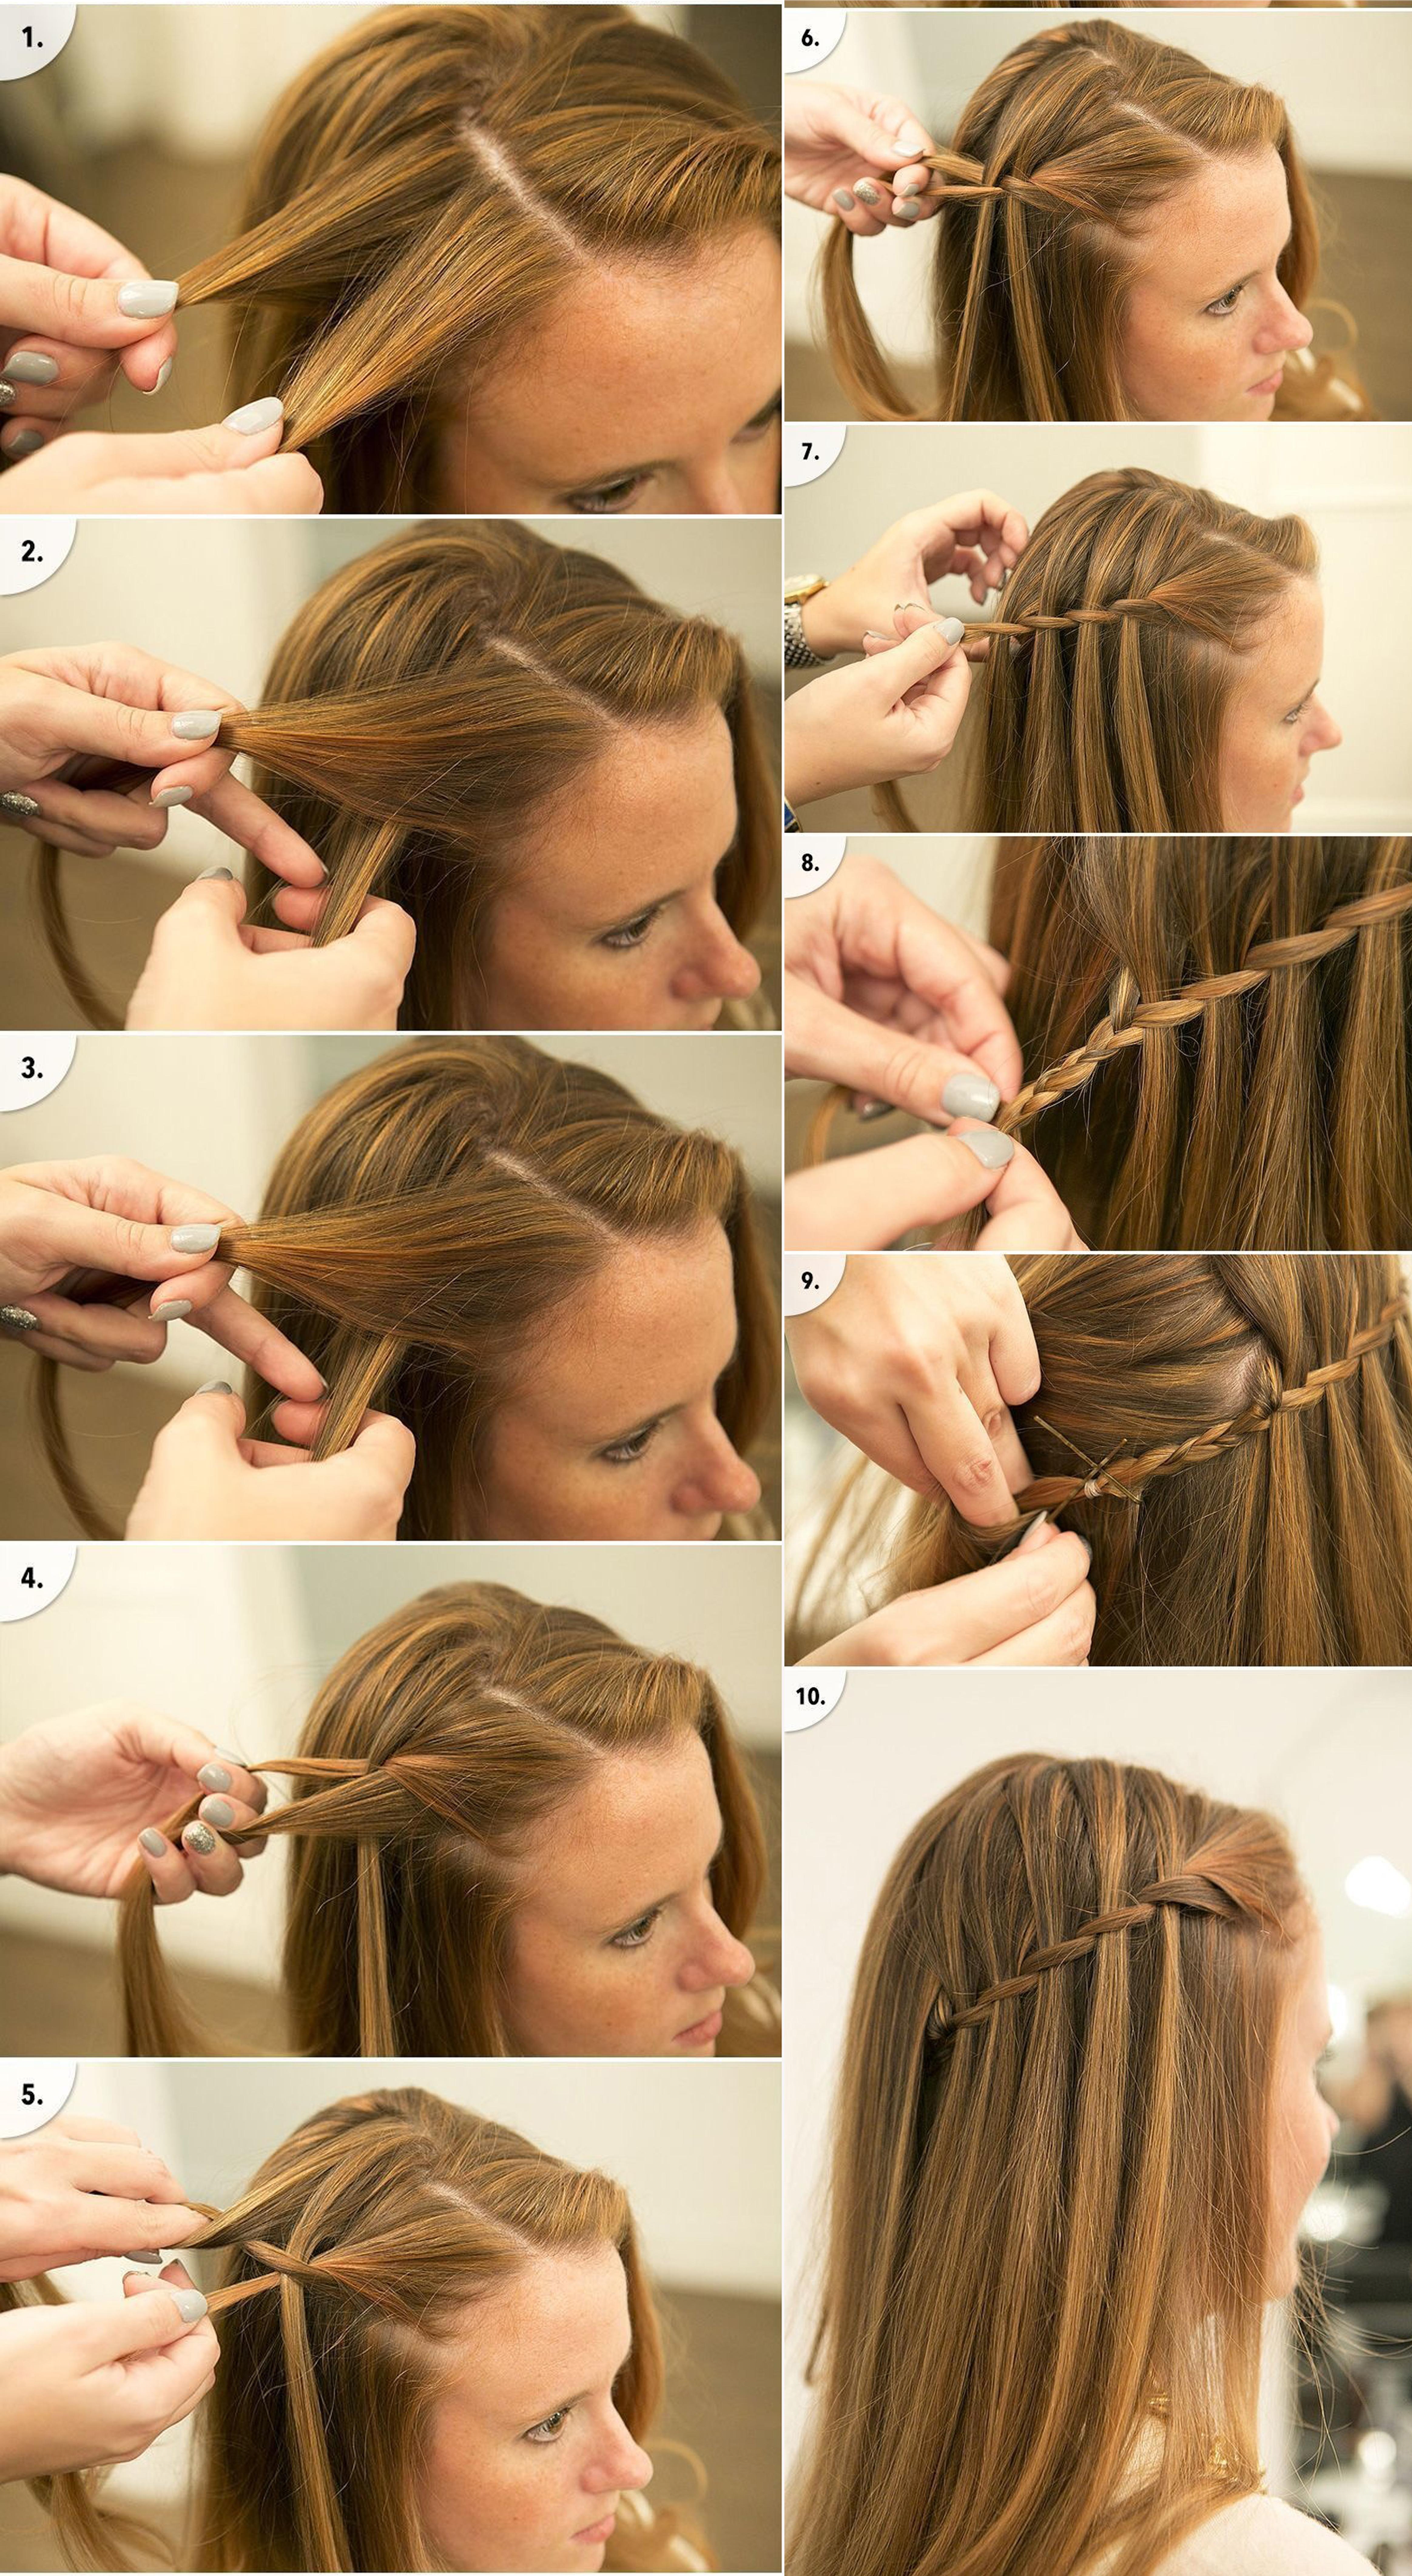 peinados fciles y en pocos minutos 18 - Peinados Fciles